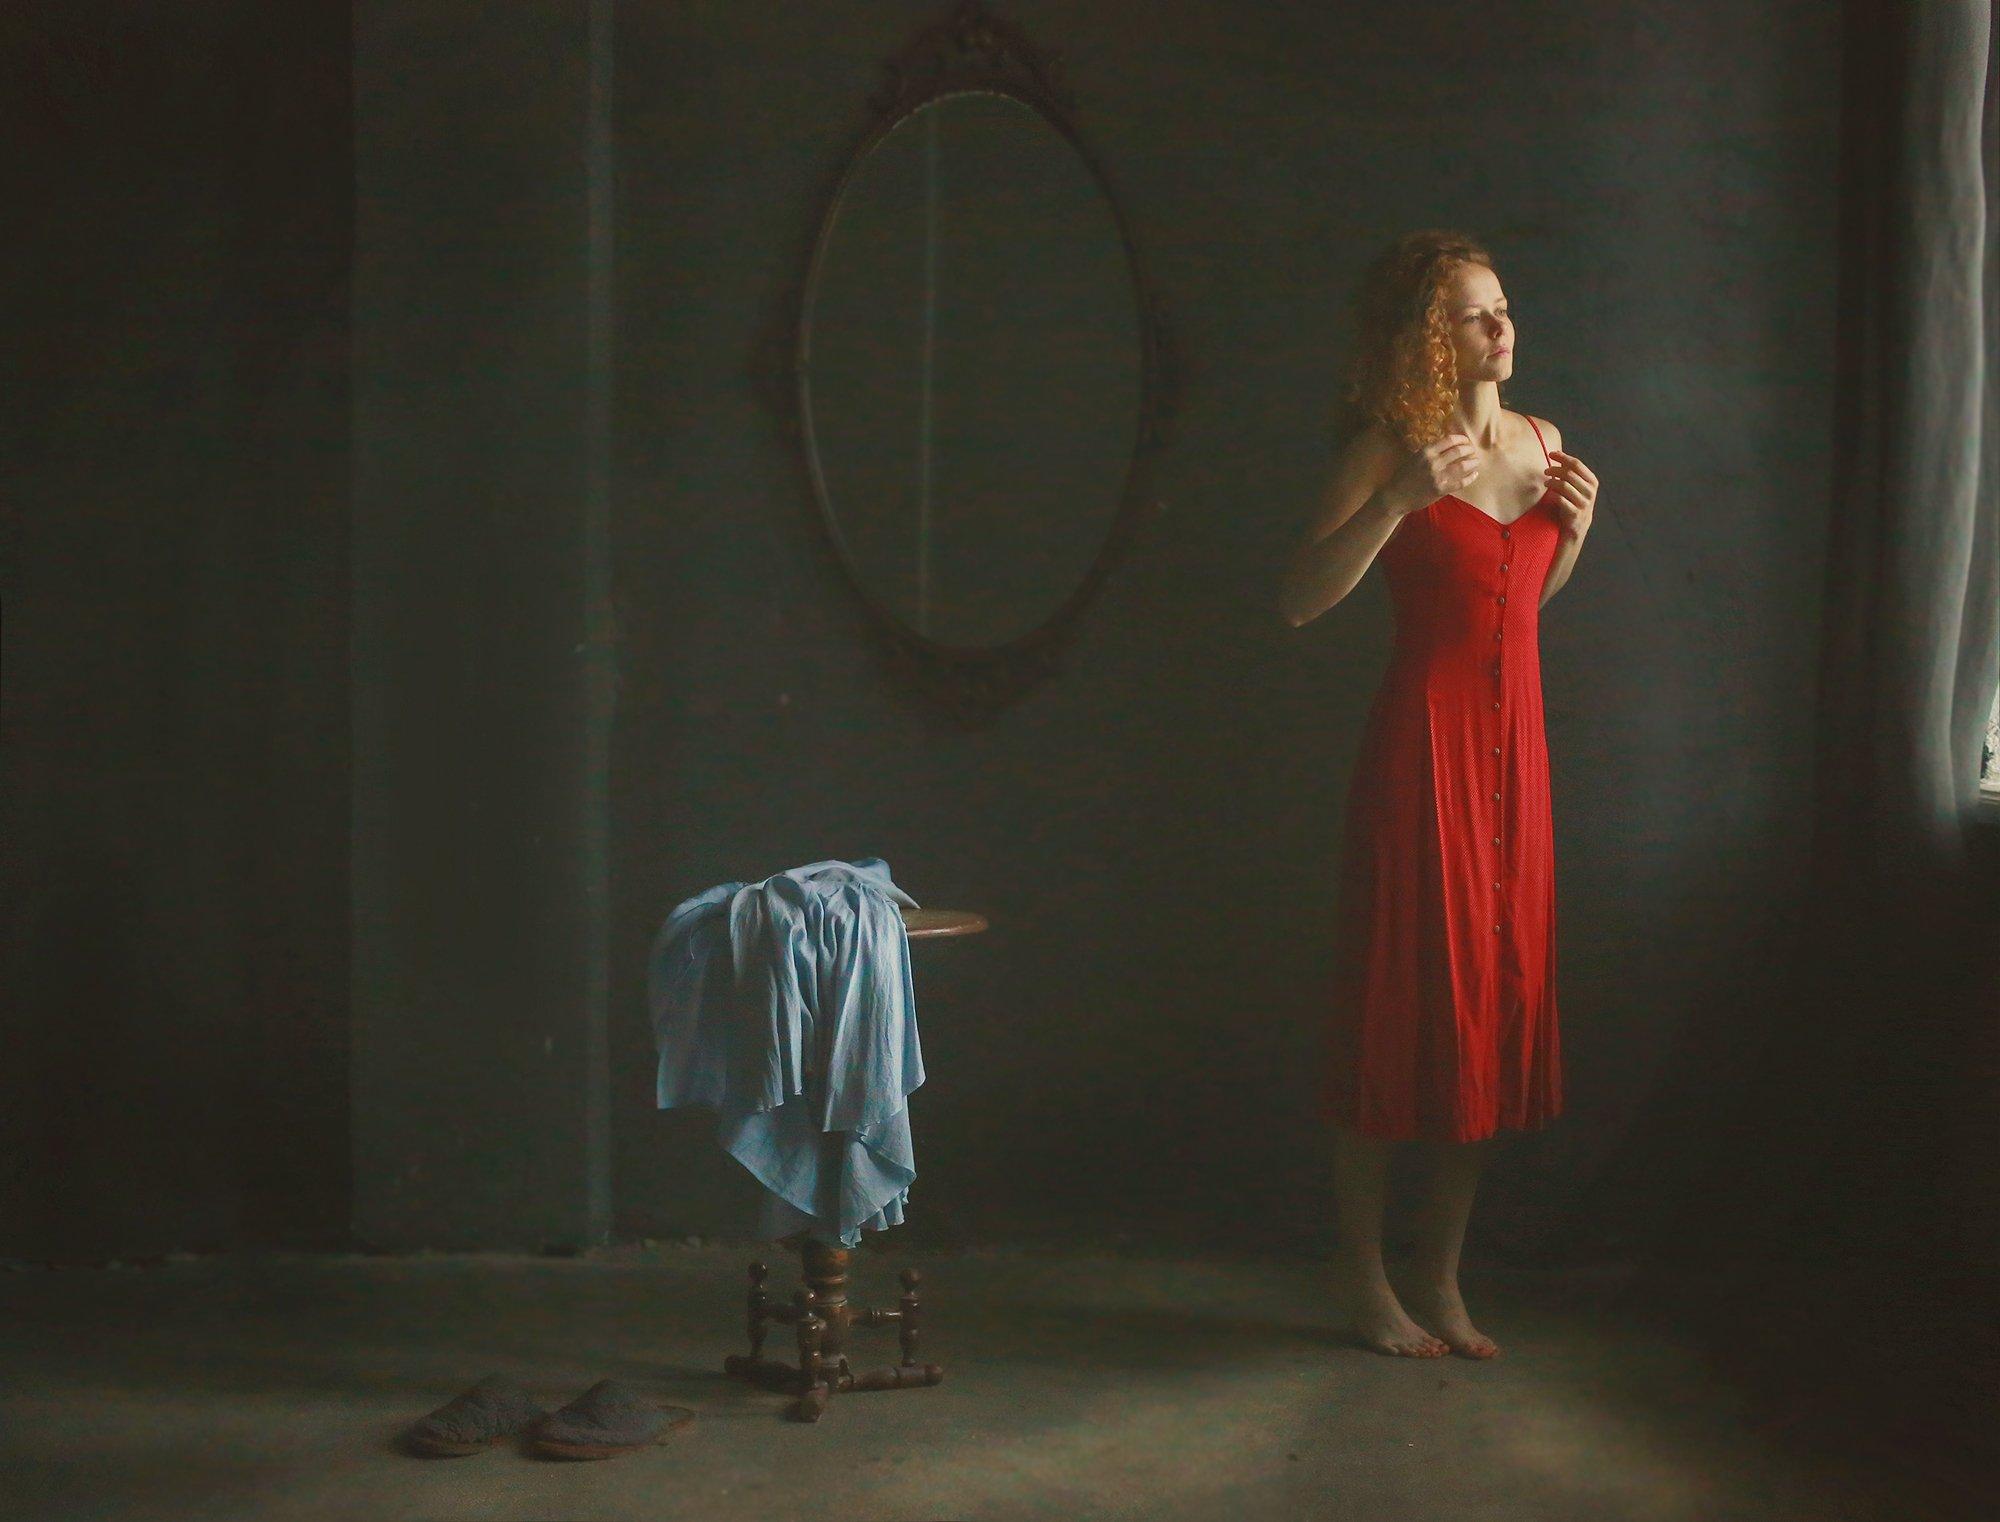 портрет, девушка, красивая, красота, модель, рыжая, кудрявая, волосы, шея, плечи, жанр, жанровый портрет, истории, чувственная, зеркало, платье, красный, Постонен Екатерина